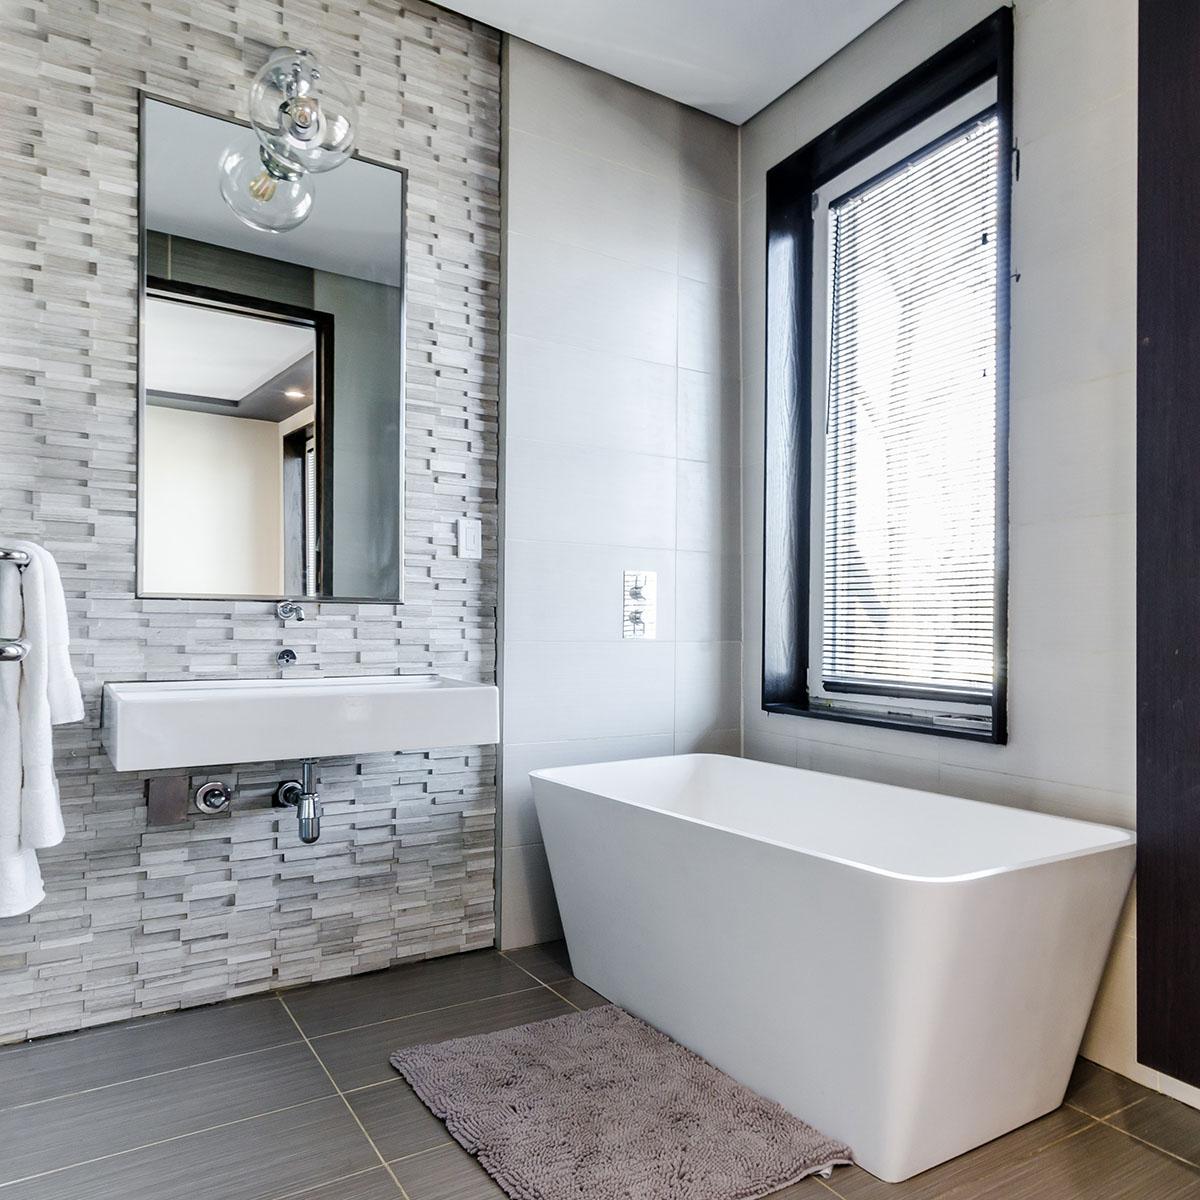 badeværelser vvs amager